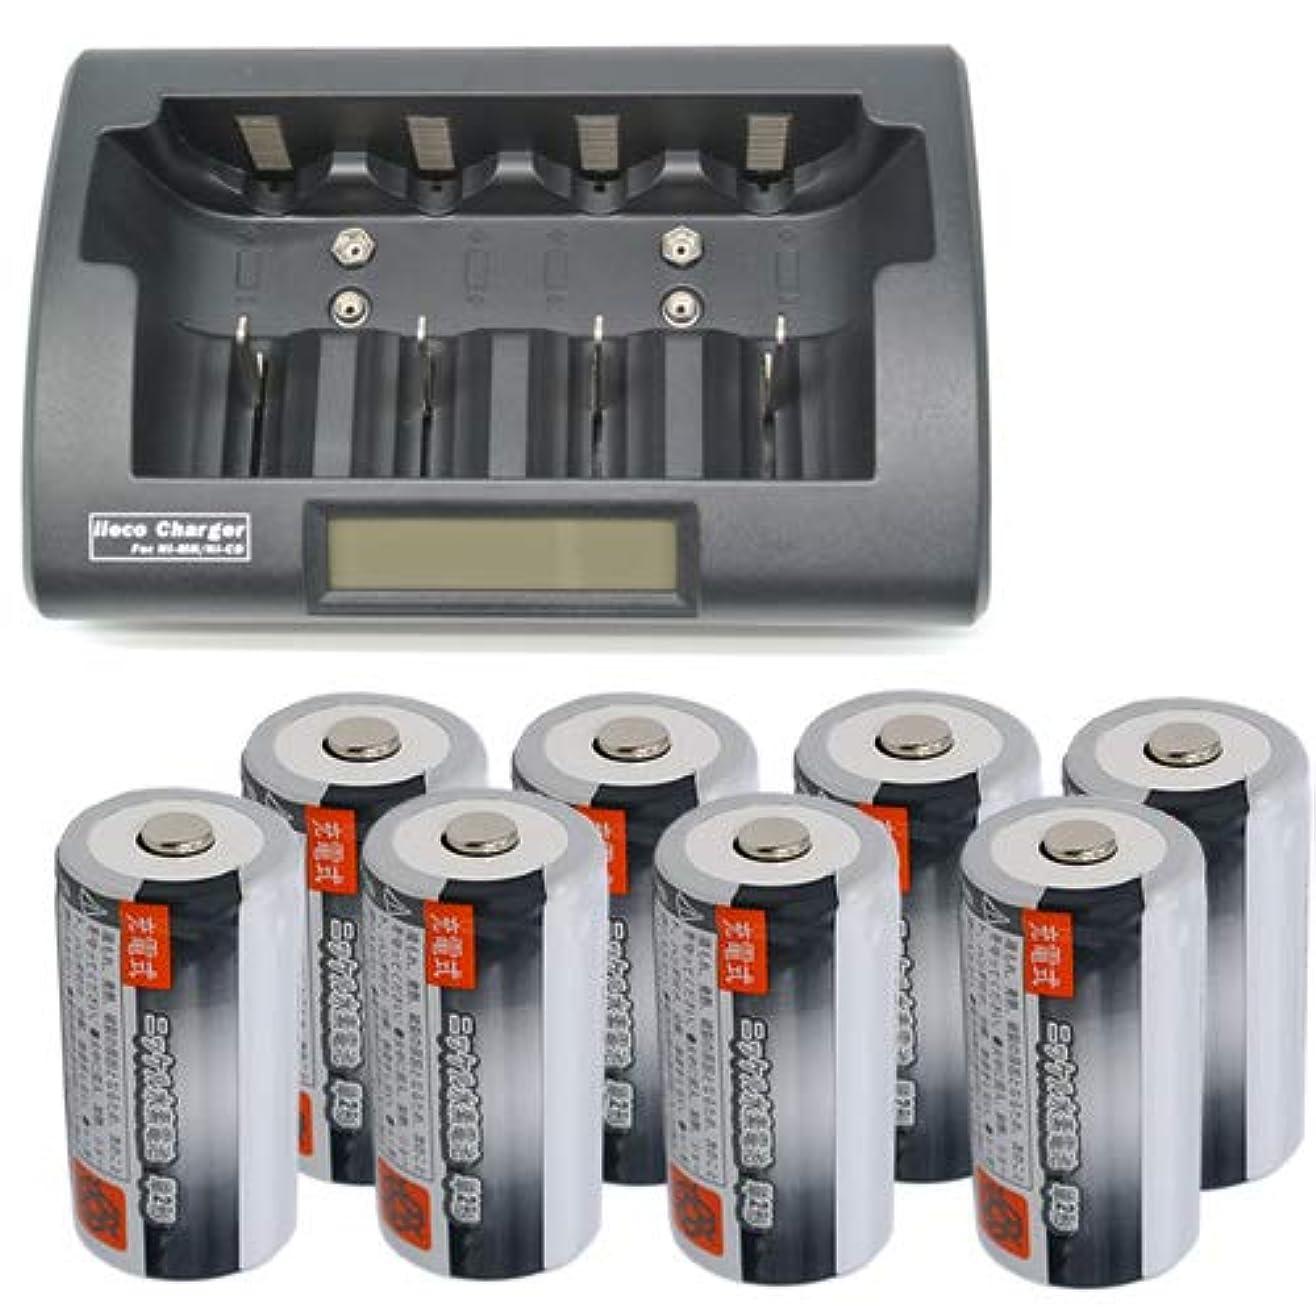 パントリーパッド試してみる【JC】【iieco】単1~単4 充電池対応充電器+ 充電池 単2形 8本セット